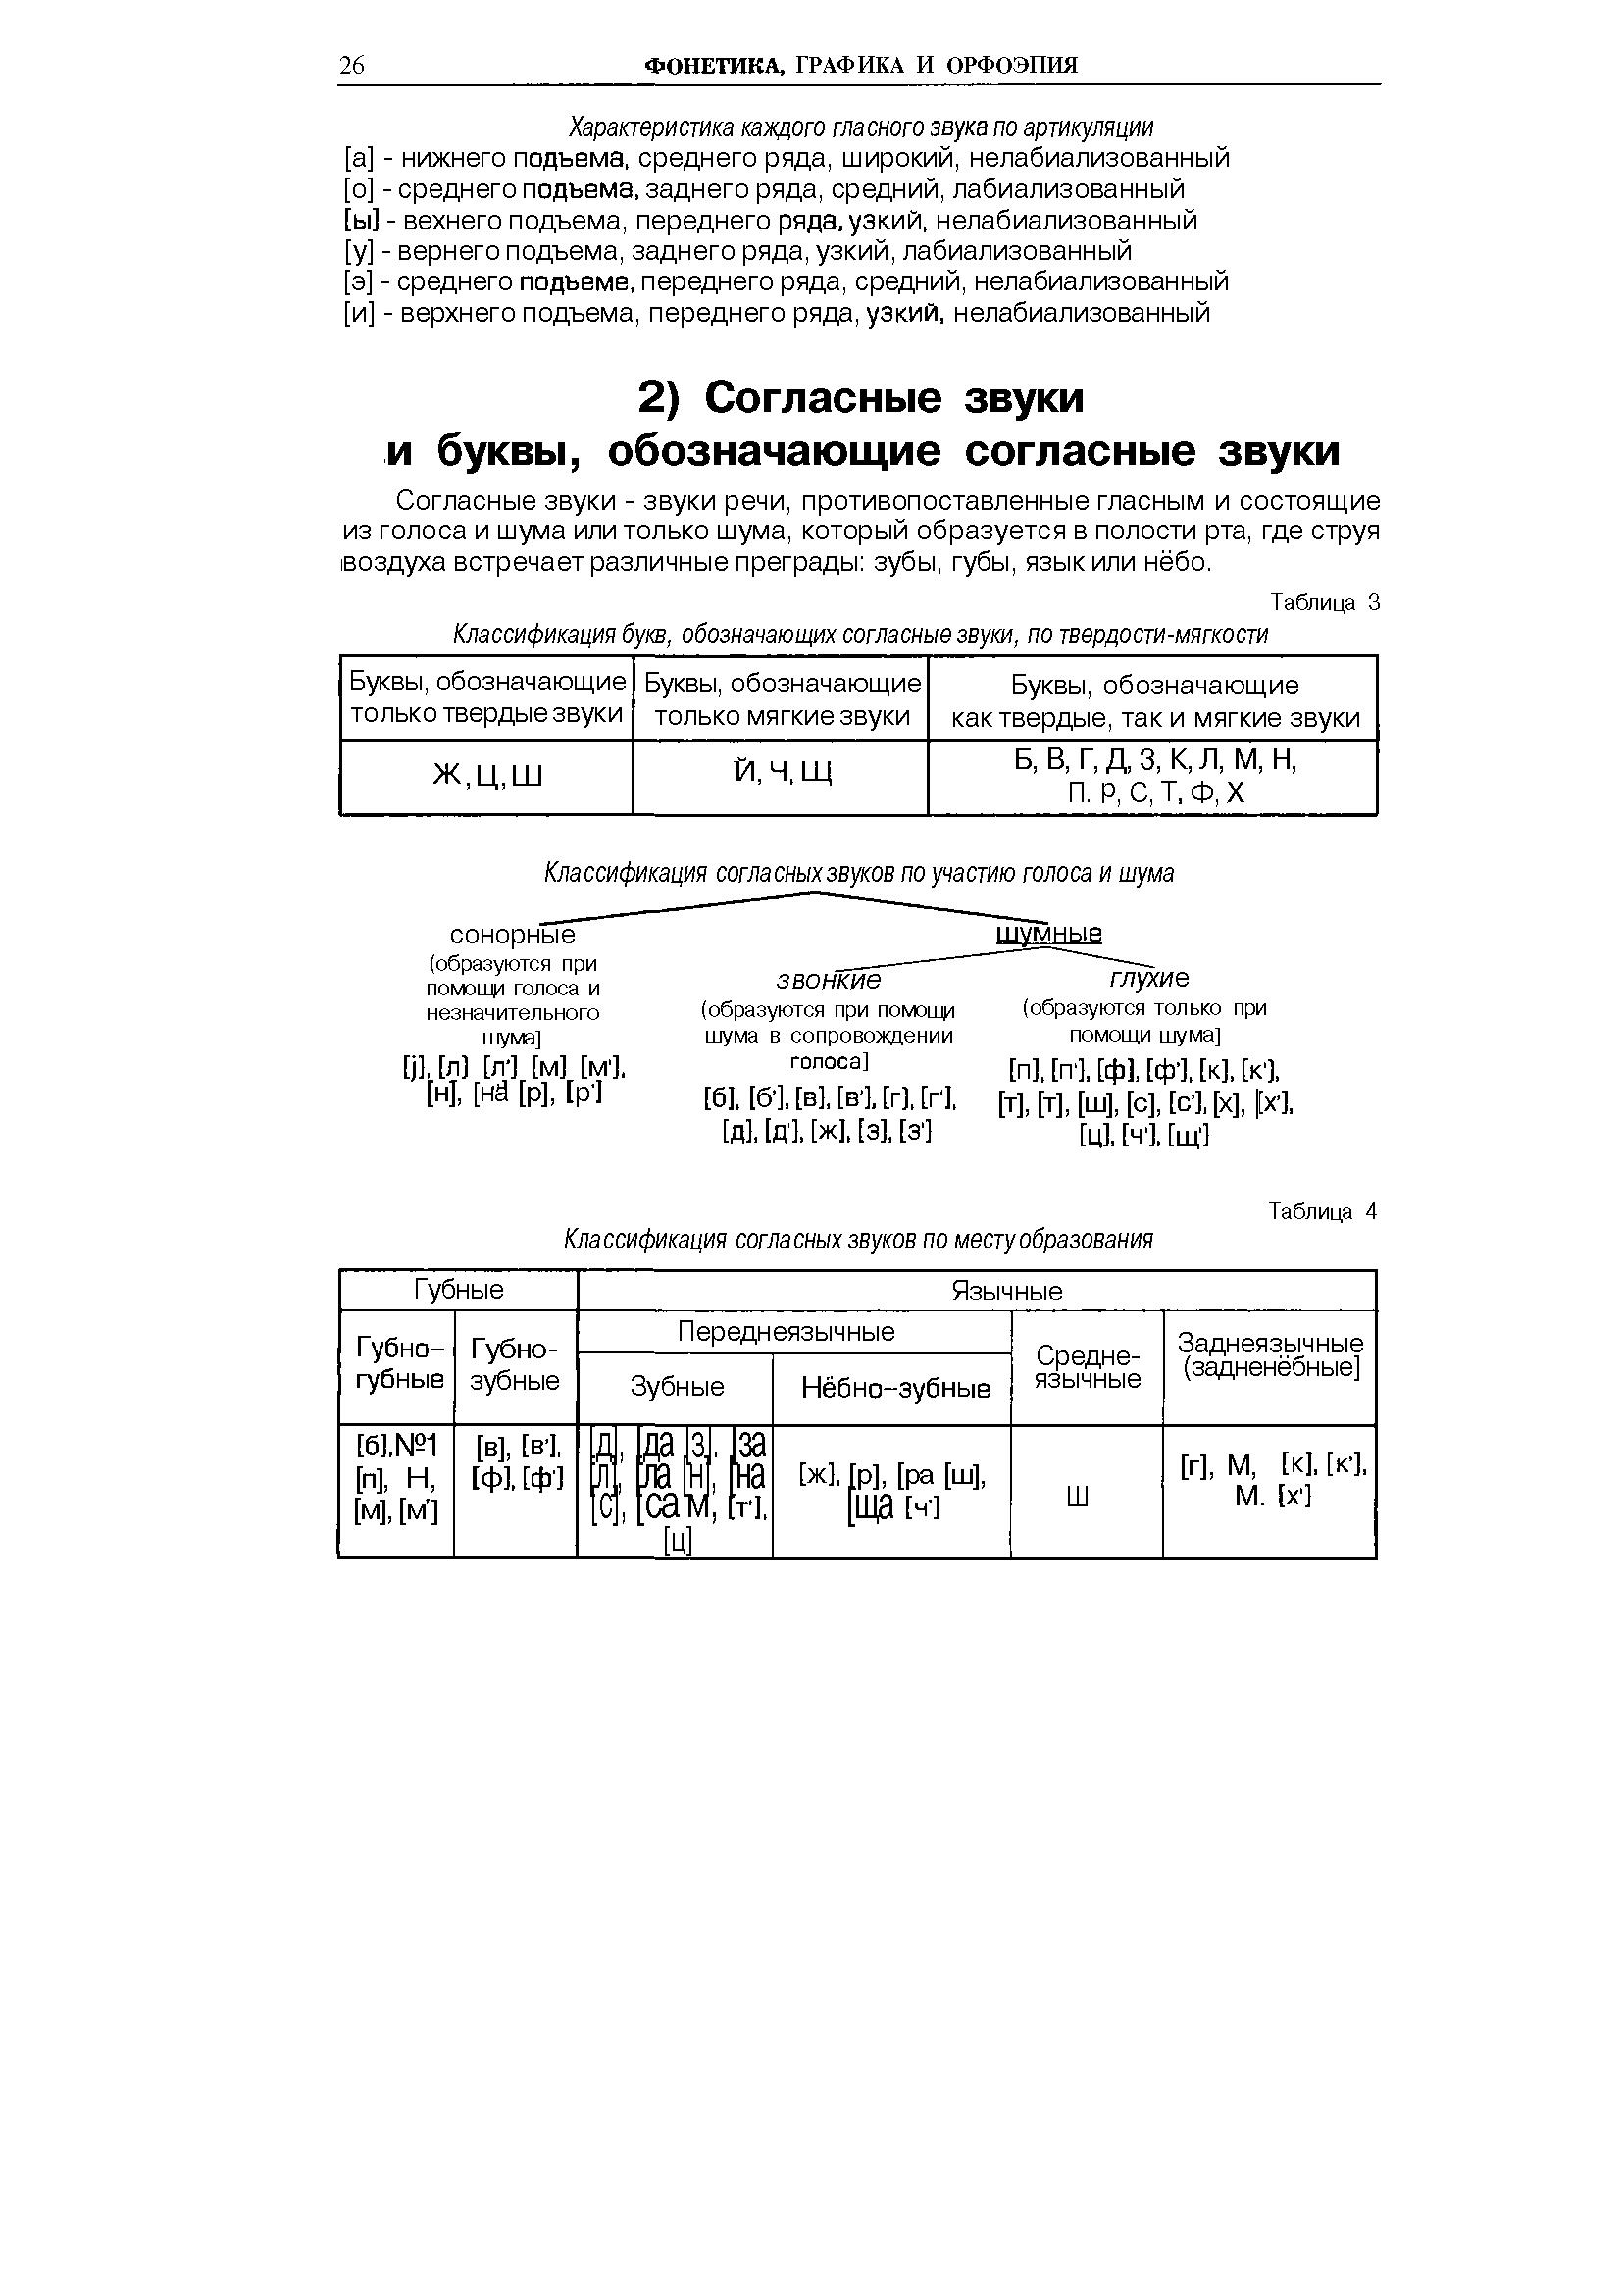 справочник по русскому языку для абитуриентов